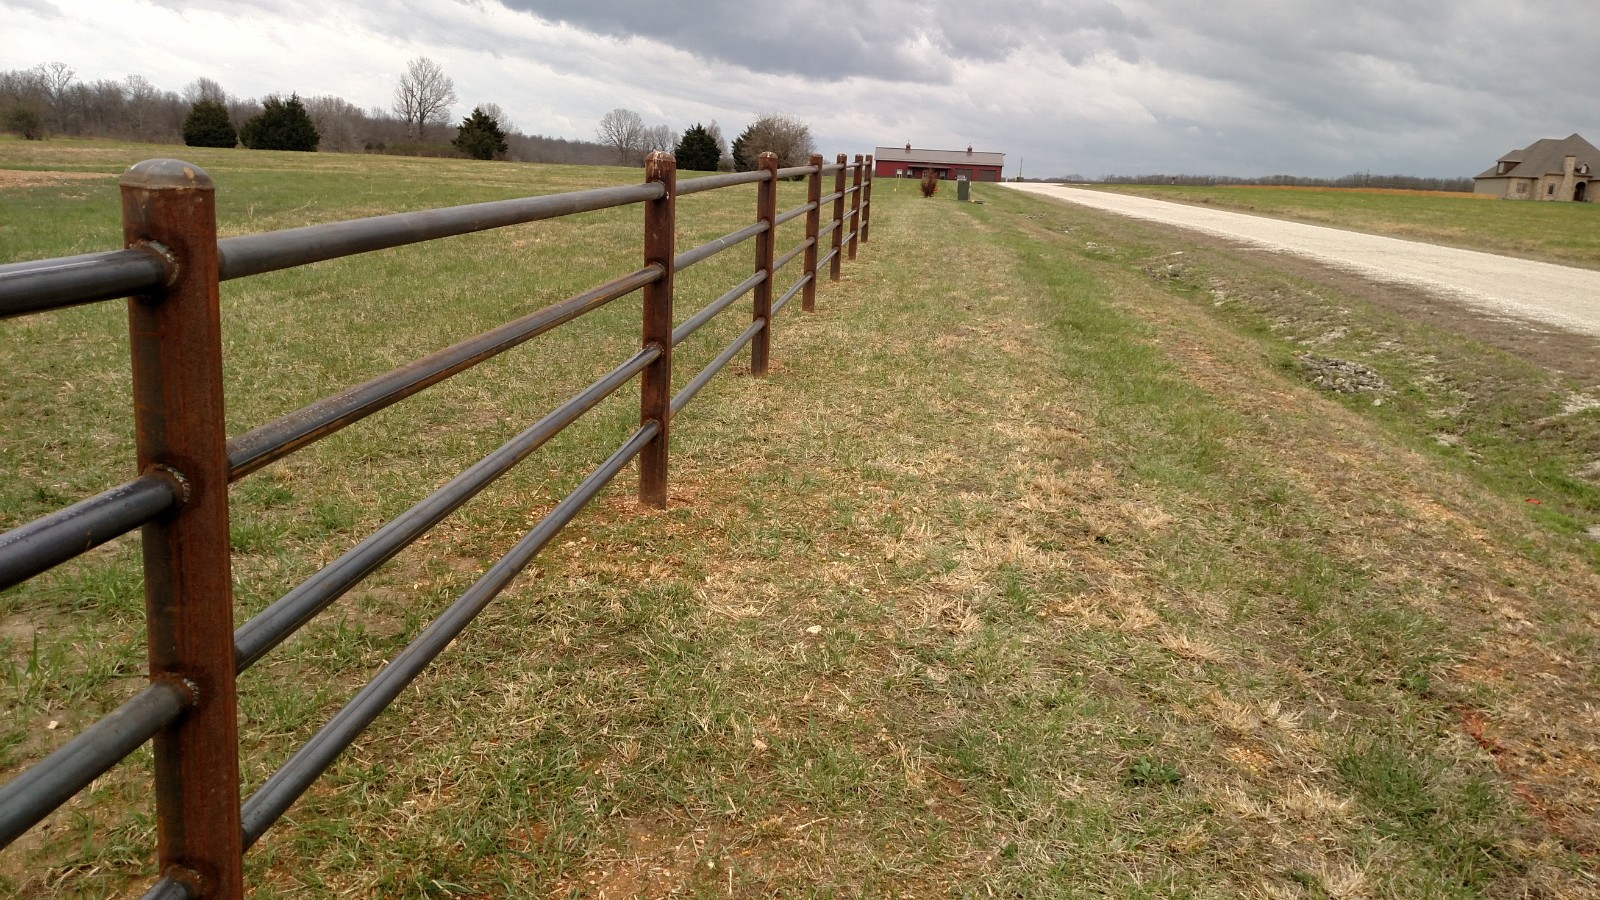 4 Foot Wood Fence Ideas